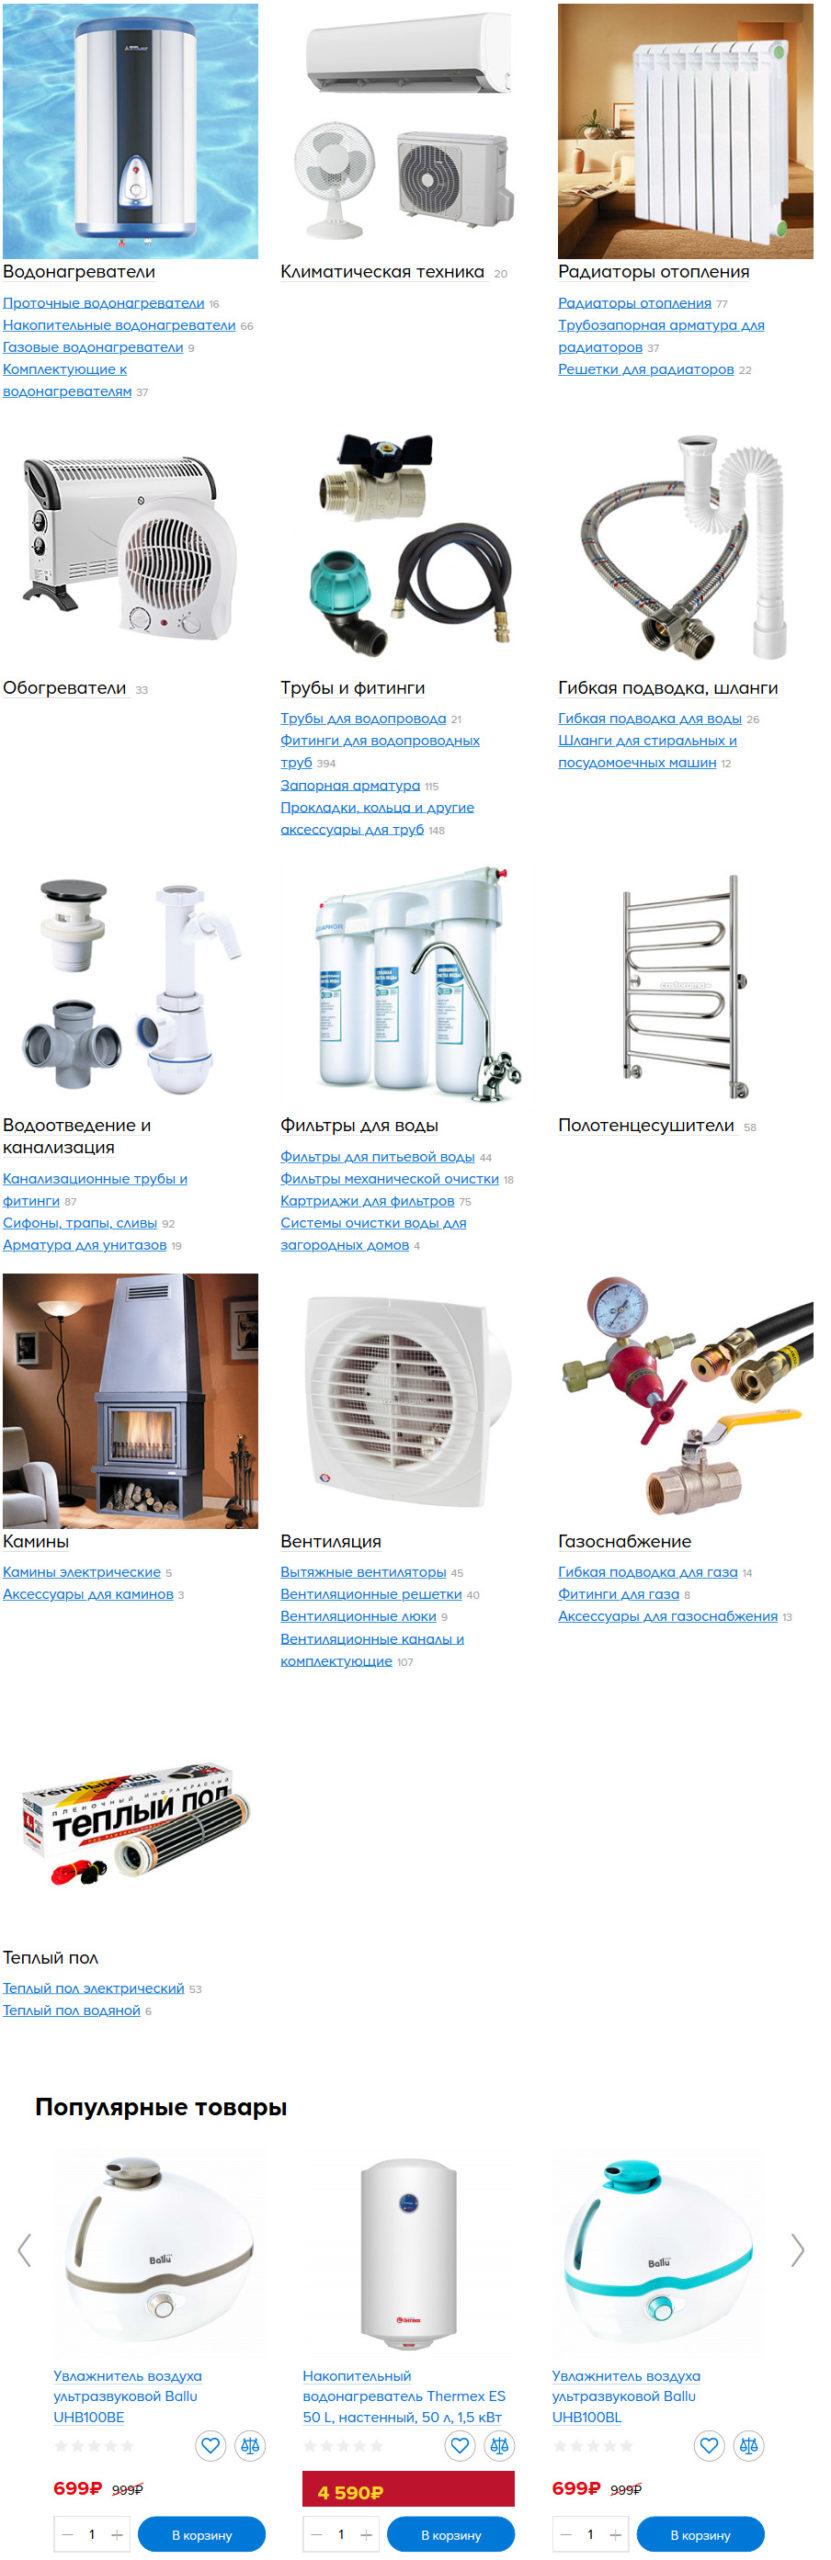 Отопление, охлаждение, водоснабжение и вентиляция в Касторама